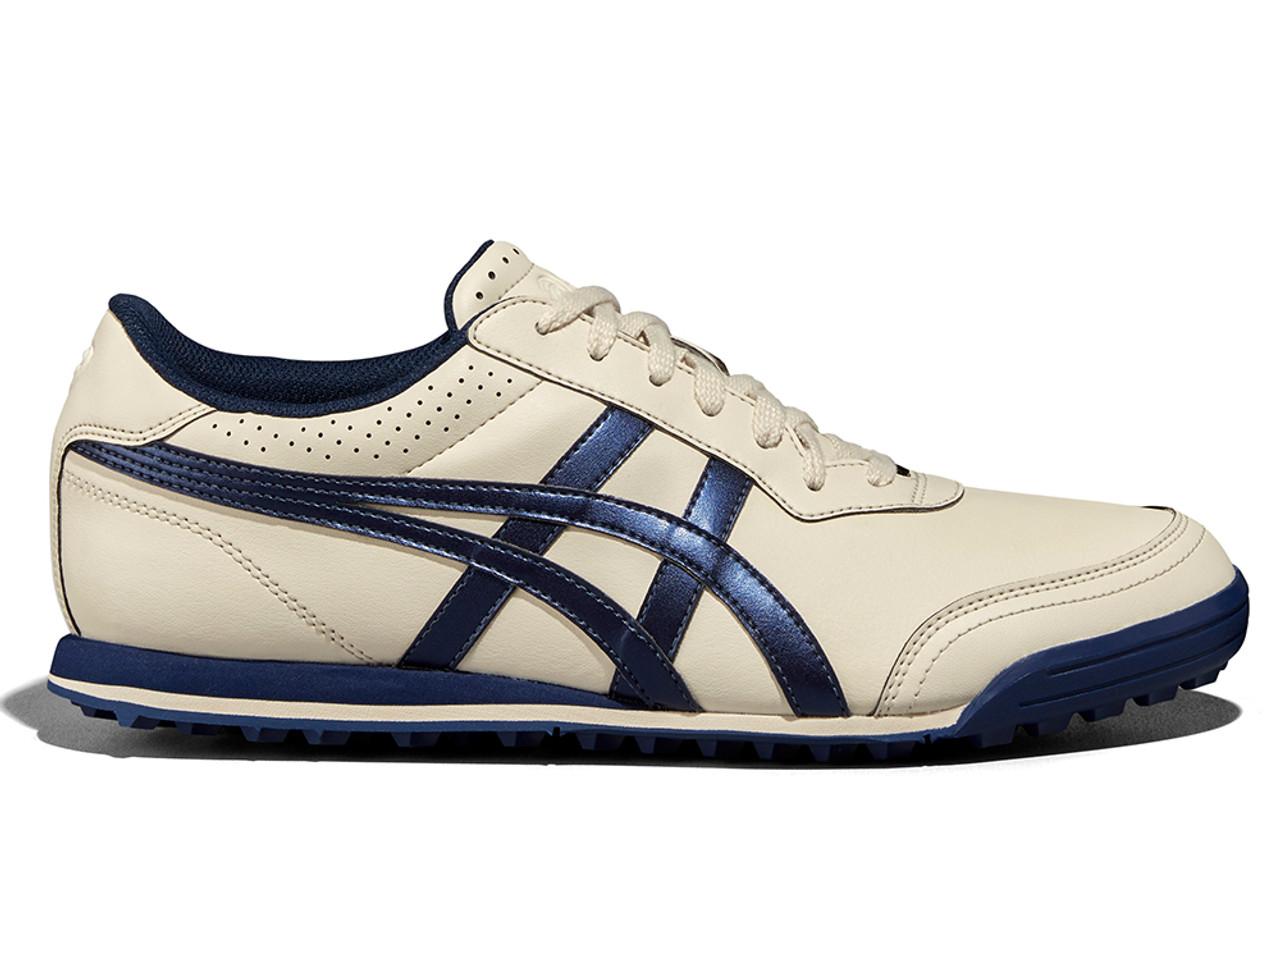 Asics Gel Preshot Classic 2 Golf Shoes